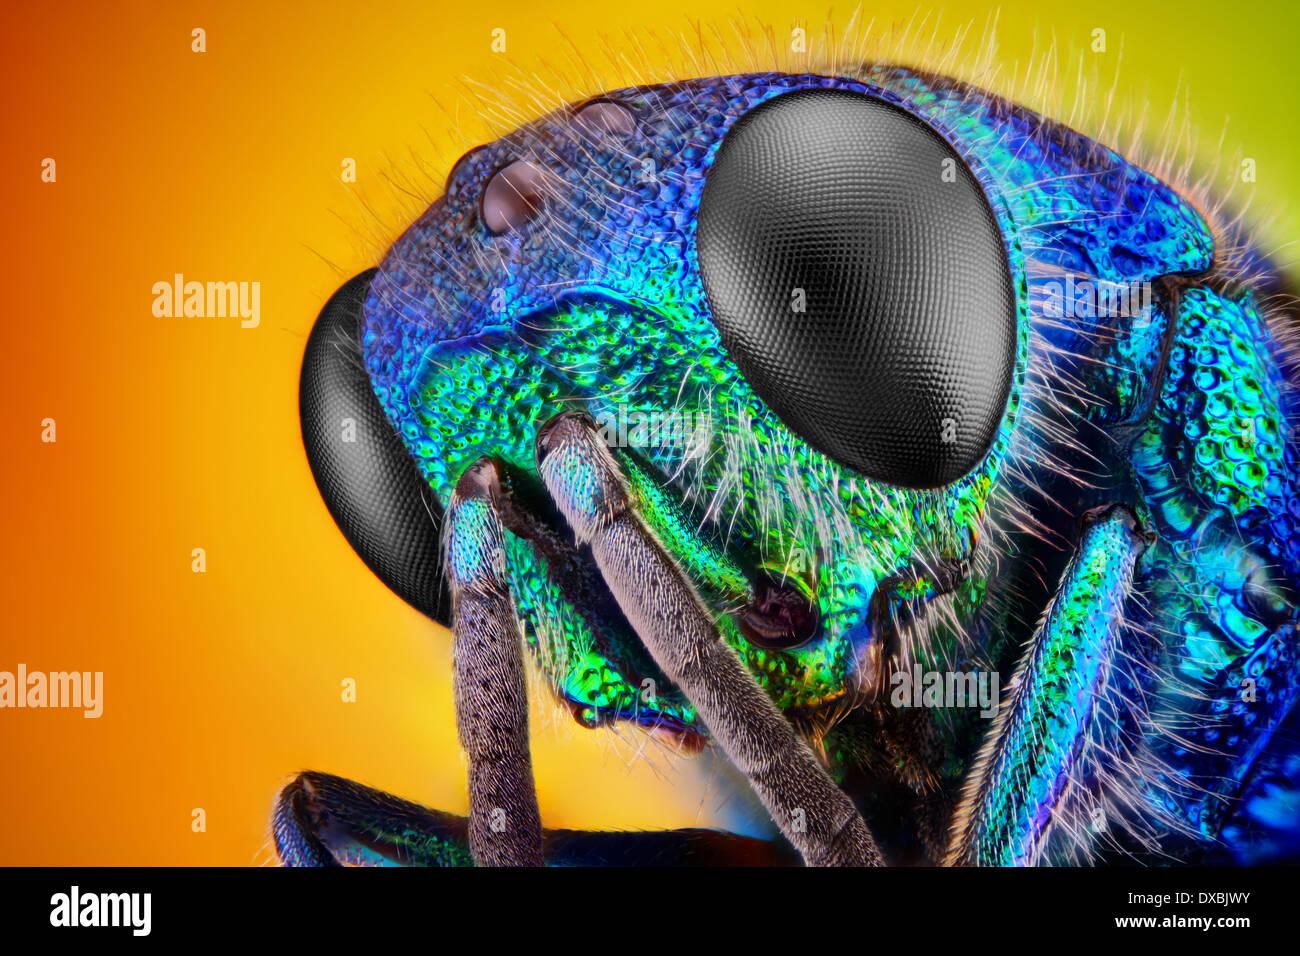 Extremadamente nítido y detallado estudio de una avispa Cuco (Holopyga Generosa) - 6 mm en el tamaño del cuerpo Imagen De Stock